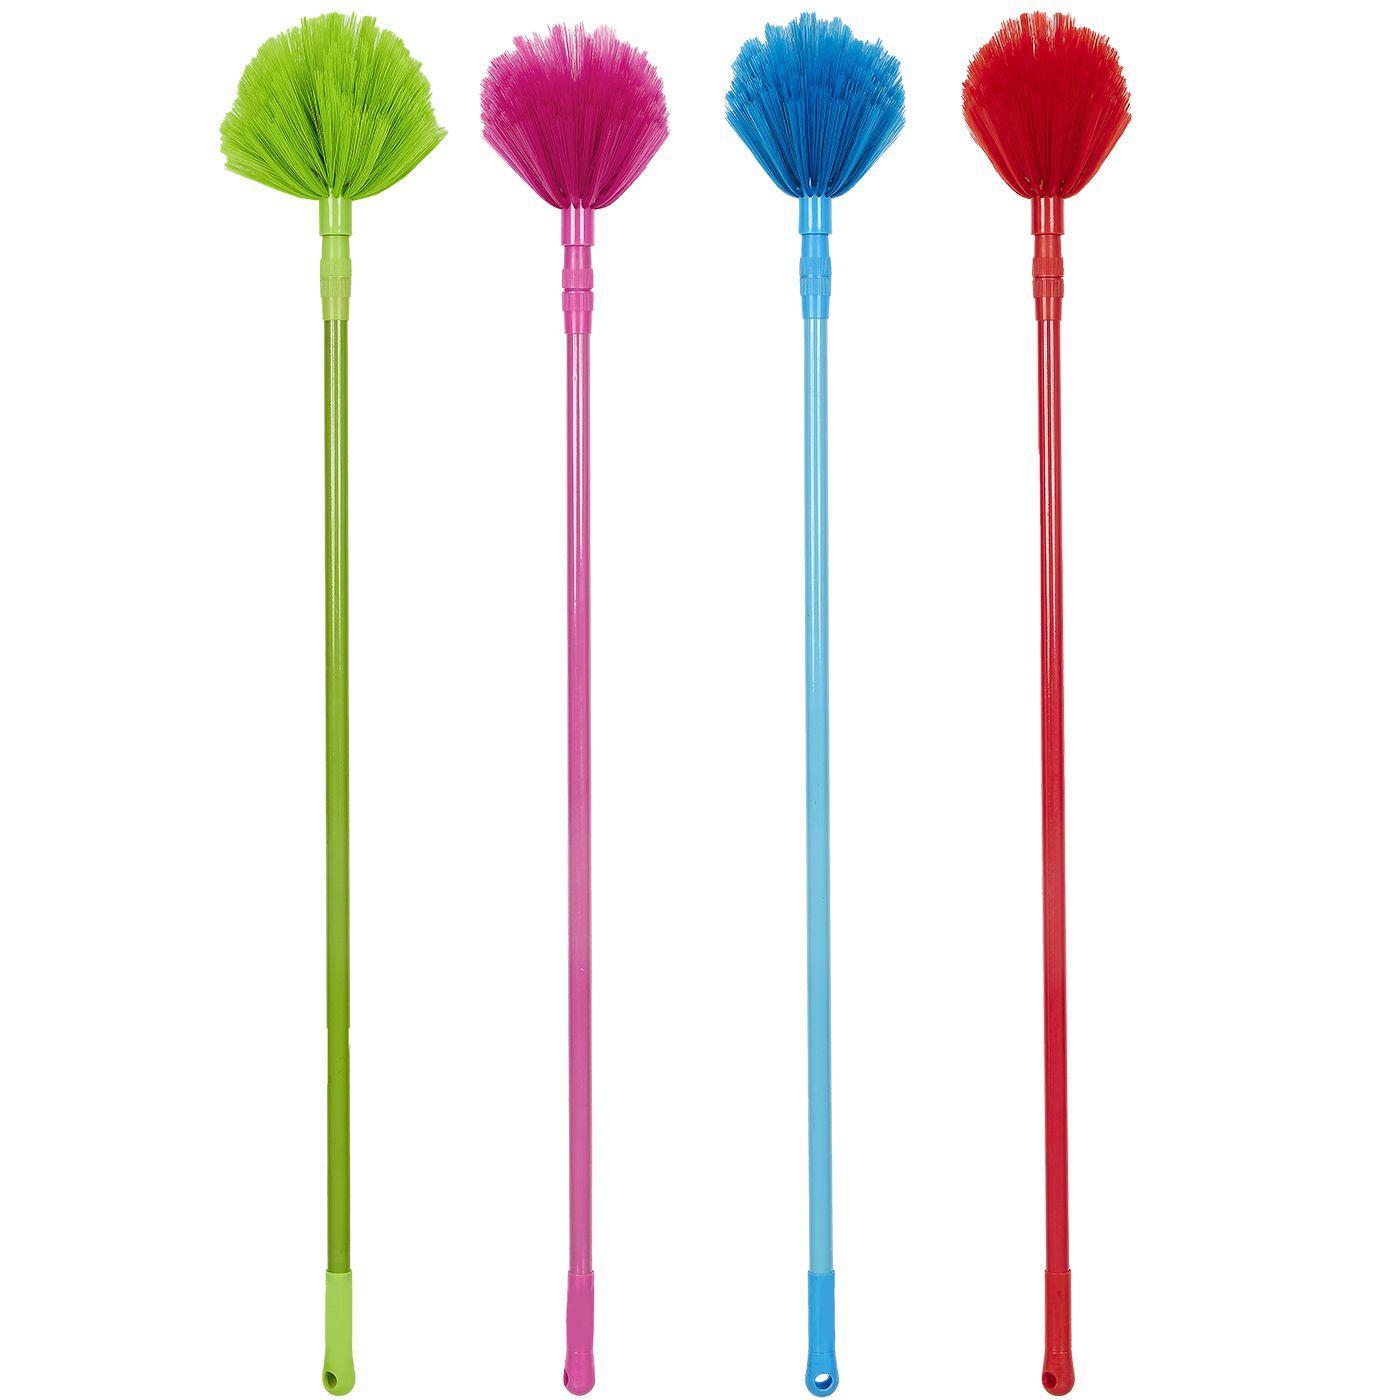 ΚΟΝΤΑΡΙ-ΣΚΟΥΠΑ ΑΡΑΧΝΩΝ 150cm